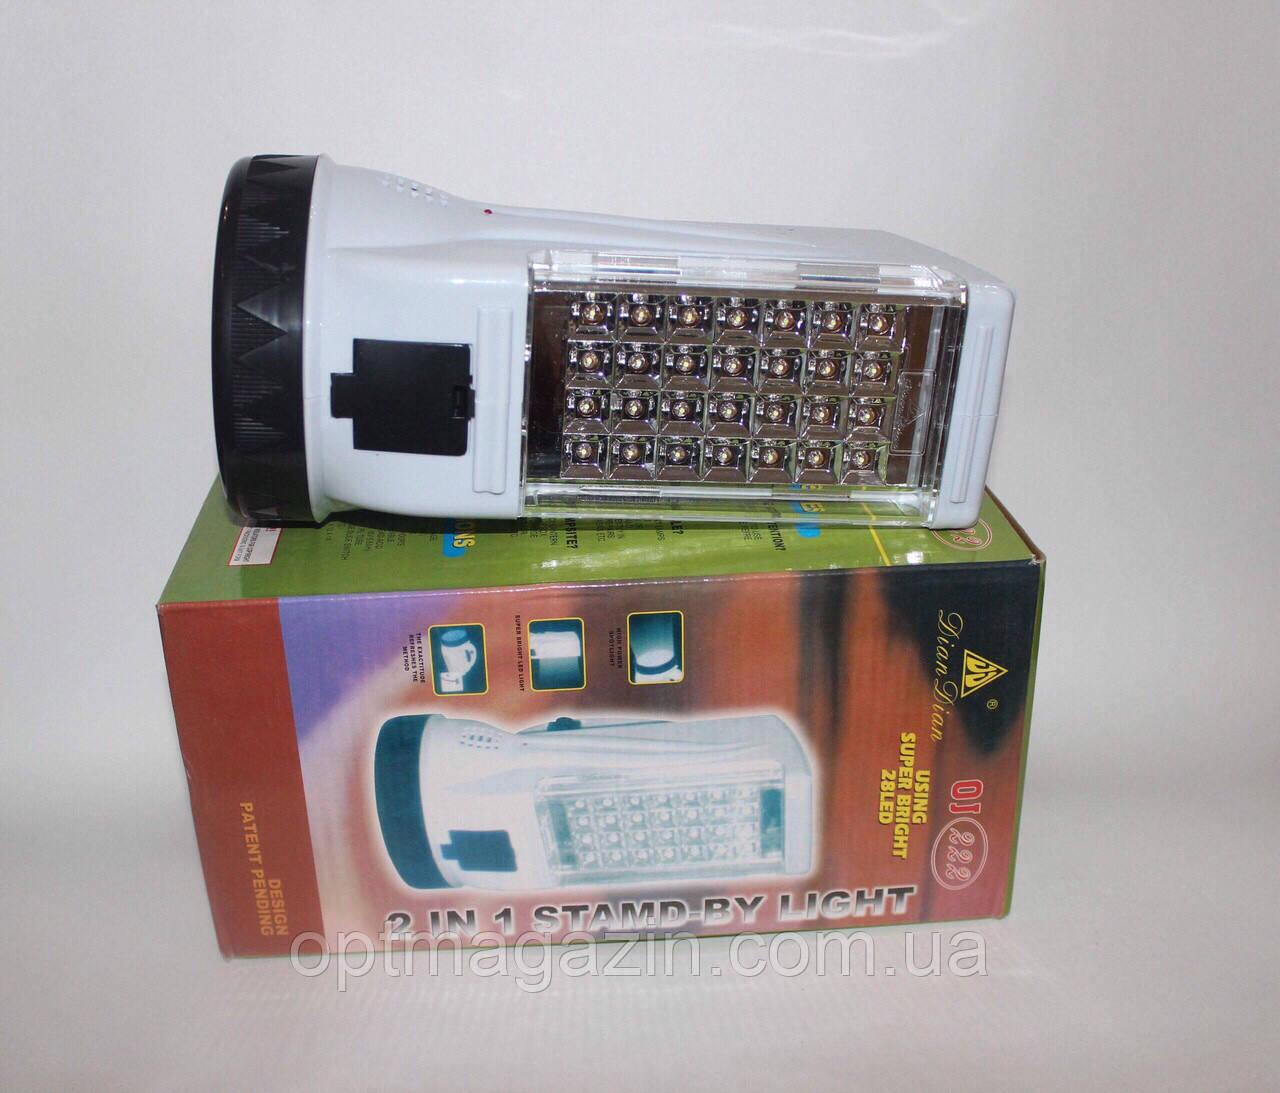 Фонарь-лампа светодиодная с световой панелью Dian Dian OJ-222